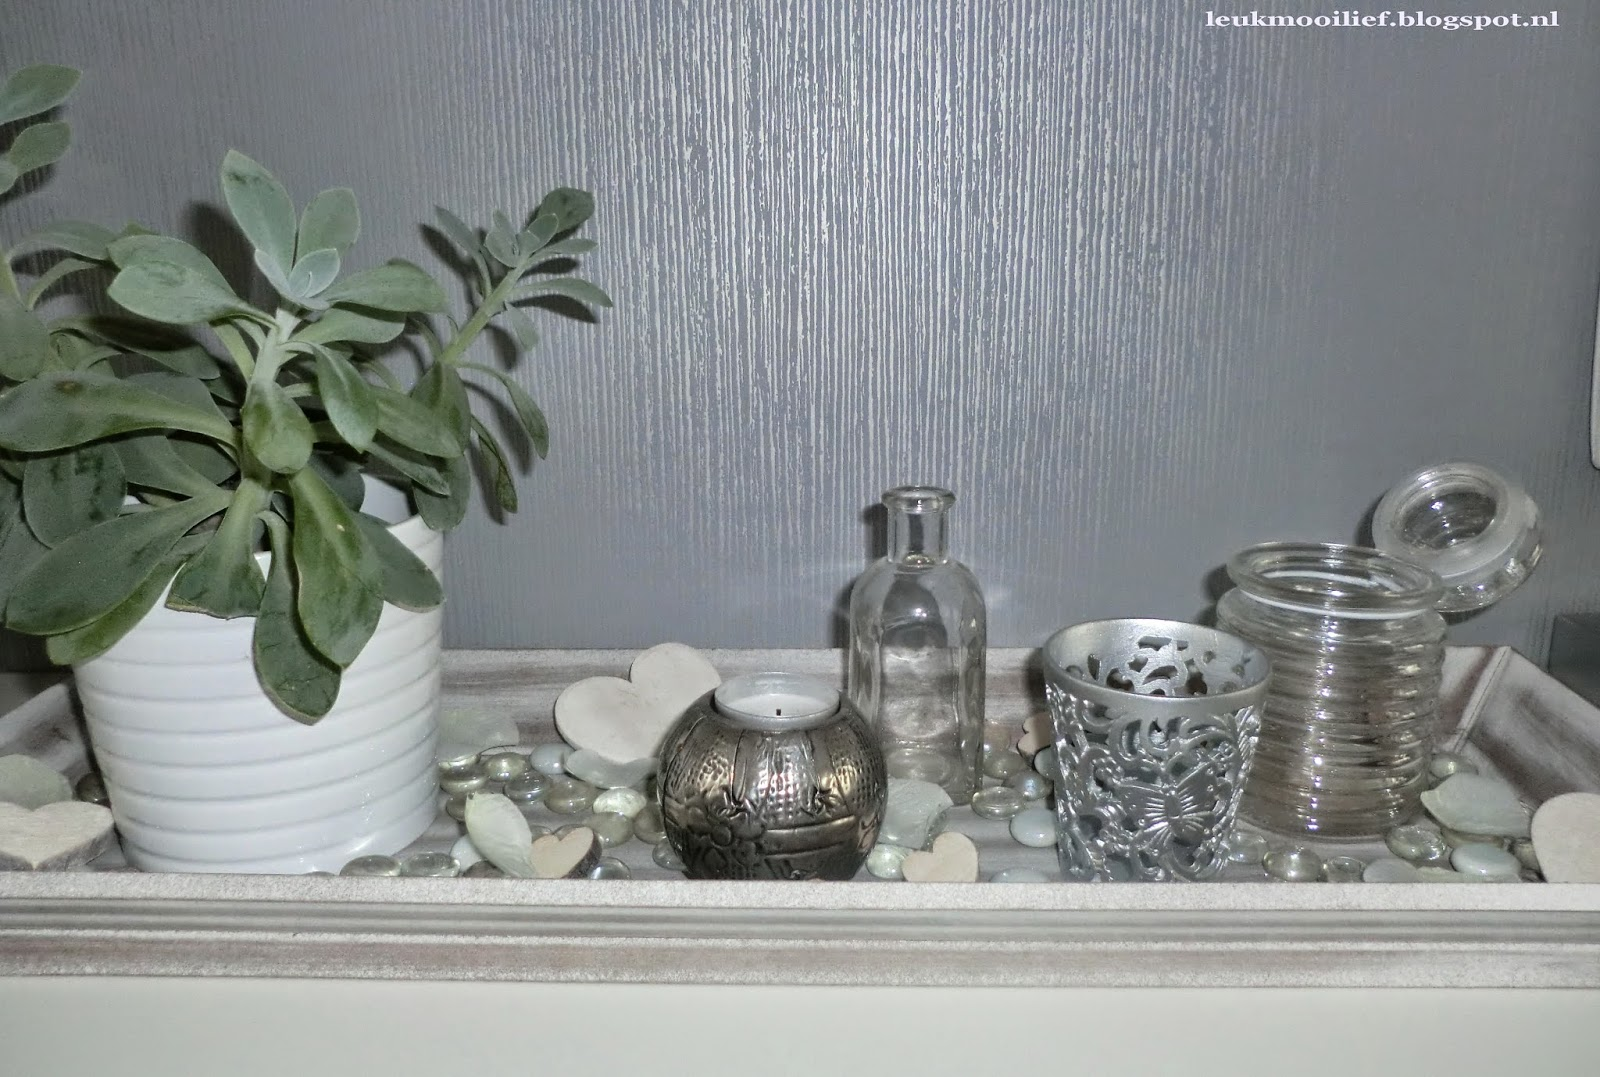 Leuk mooi lief decoratie variatie - Decoratie eenvoudig voor het leven ...